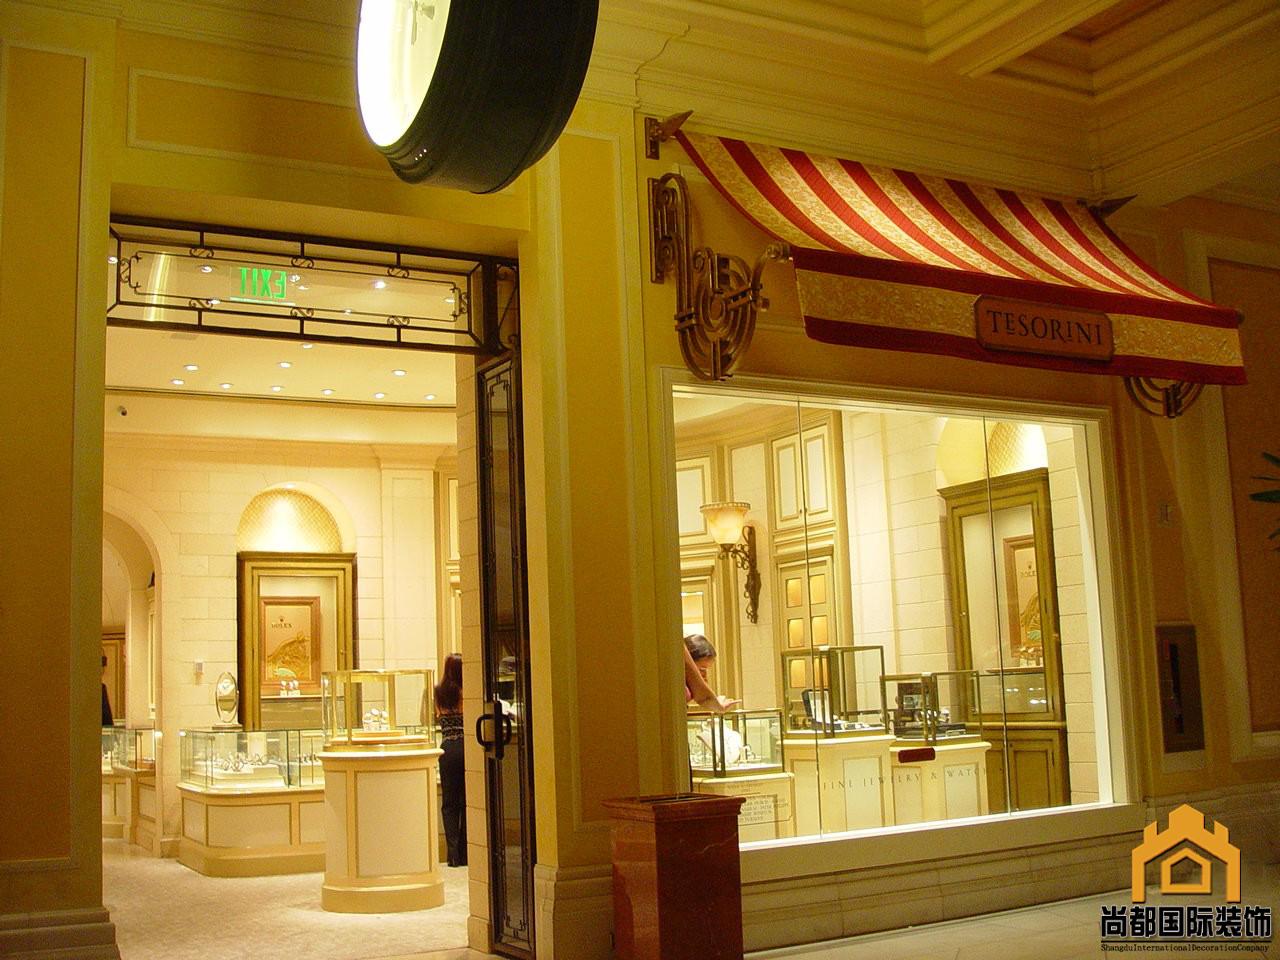 欧式 珠宝店图片来自北京尚都国际装饰在珠宝专卖店的分享